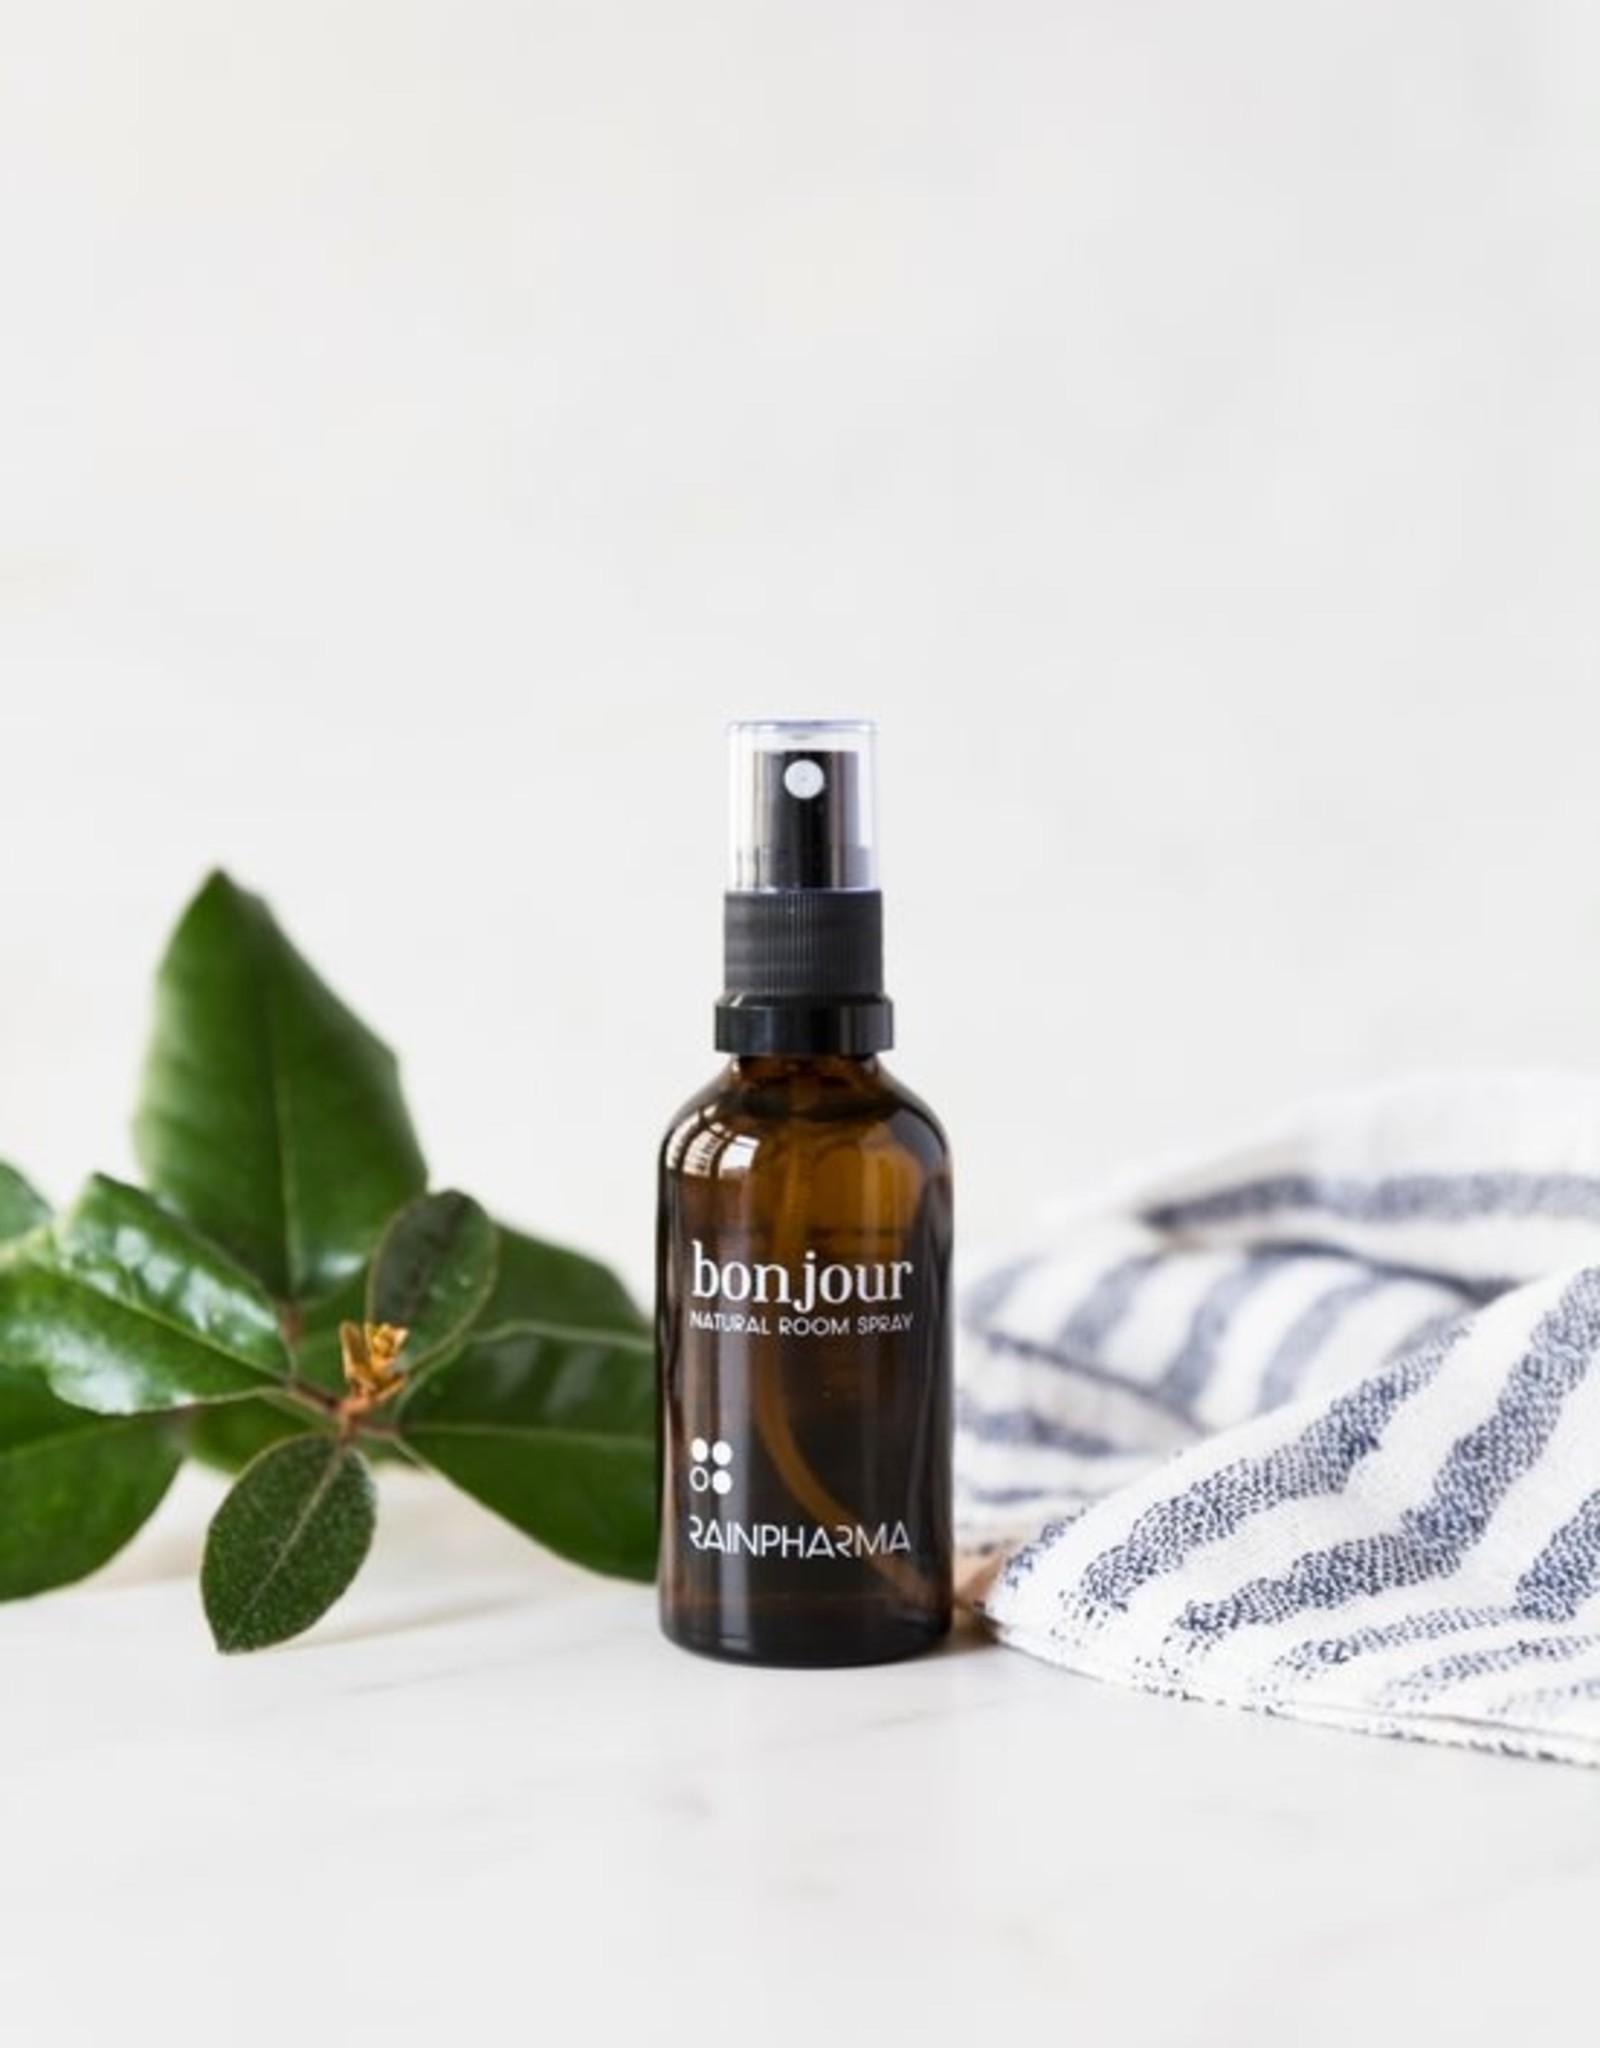 RainPharma Natural Room Spray Bonjour 50ml - Rainpharma